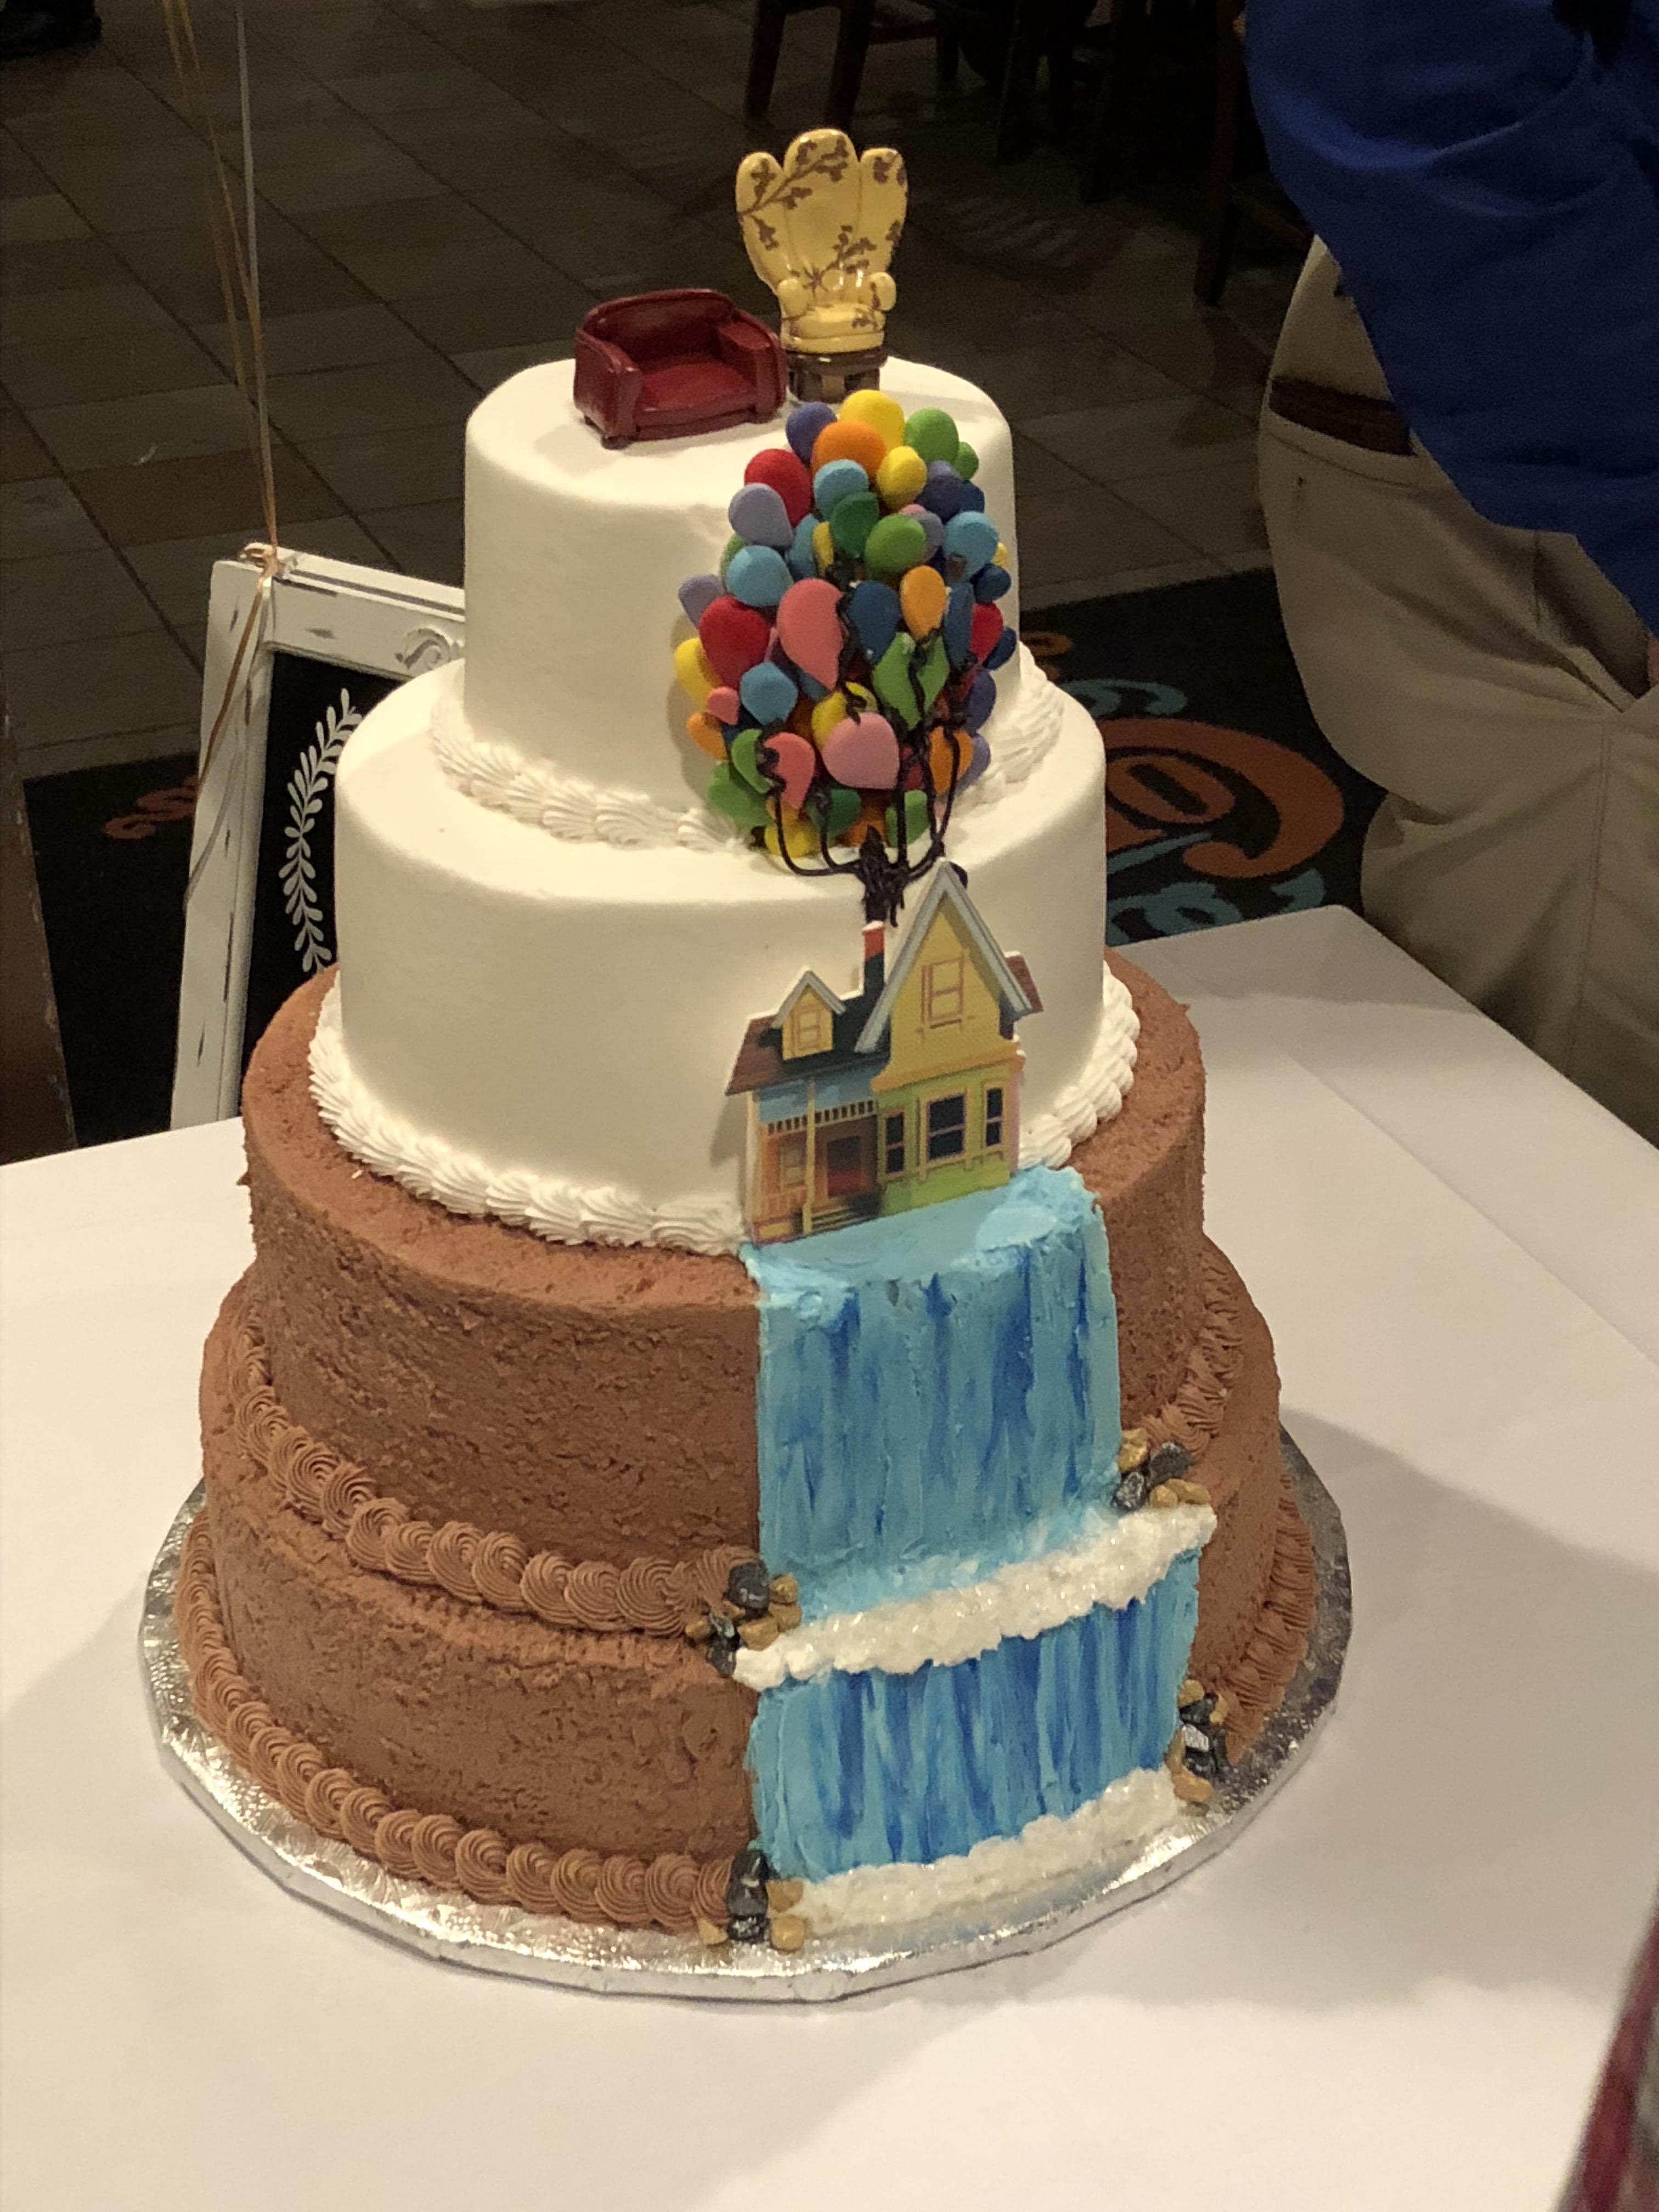 Rehearsal Dinner Cake : rehearsal, dinner, Friends, Their, Wedding, Rehearsal, Dinner!, Disney